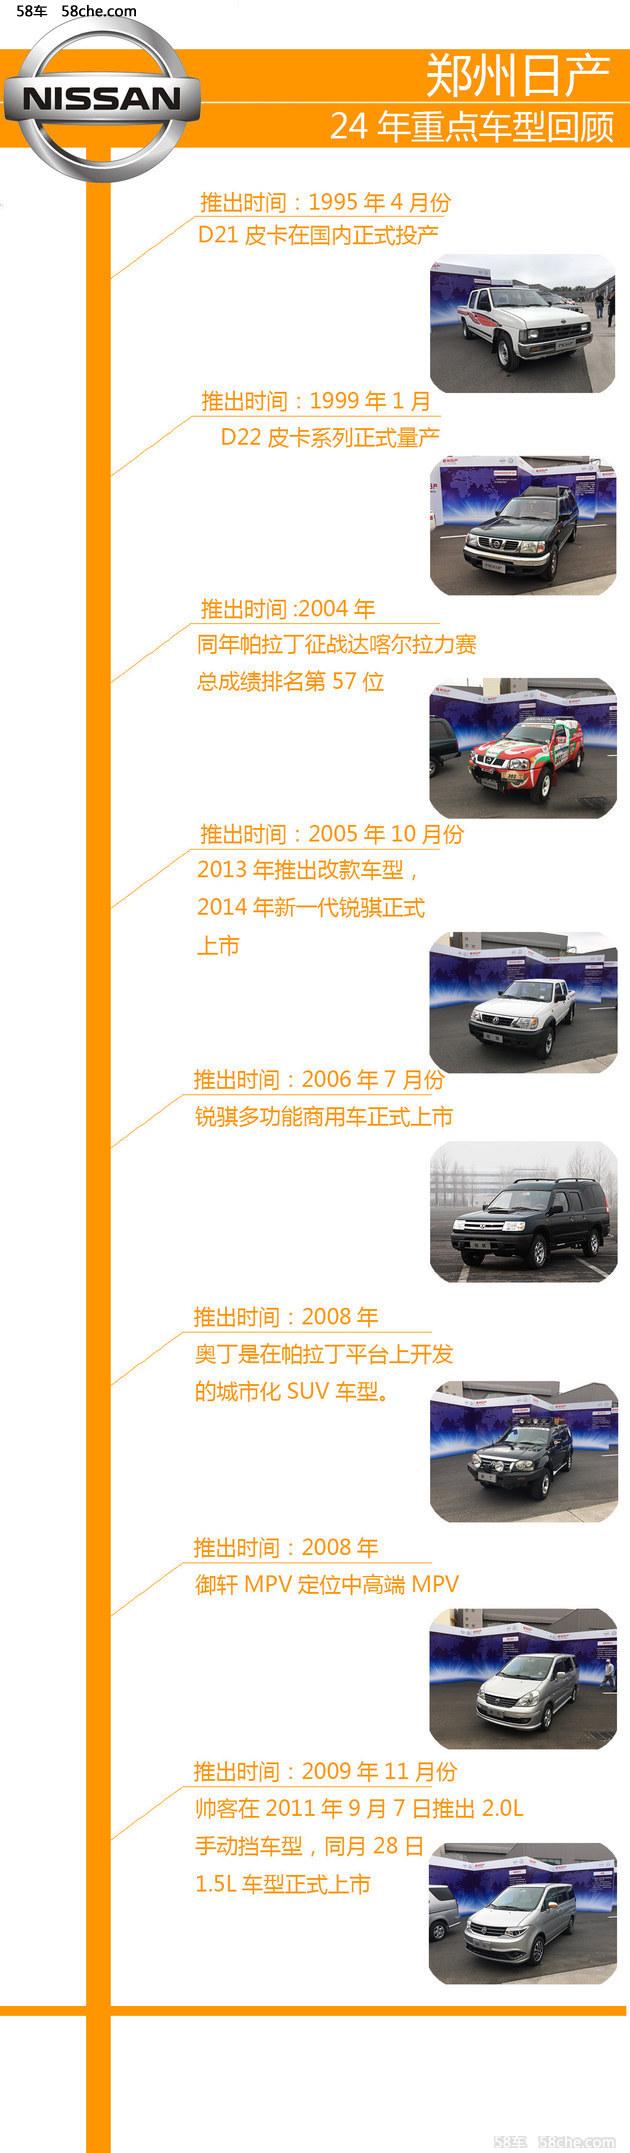 郑州日产24年第一车回顾 帕拉丁到接受瓦拉